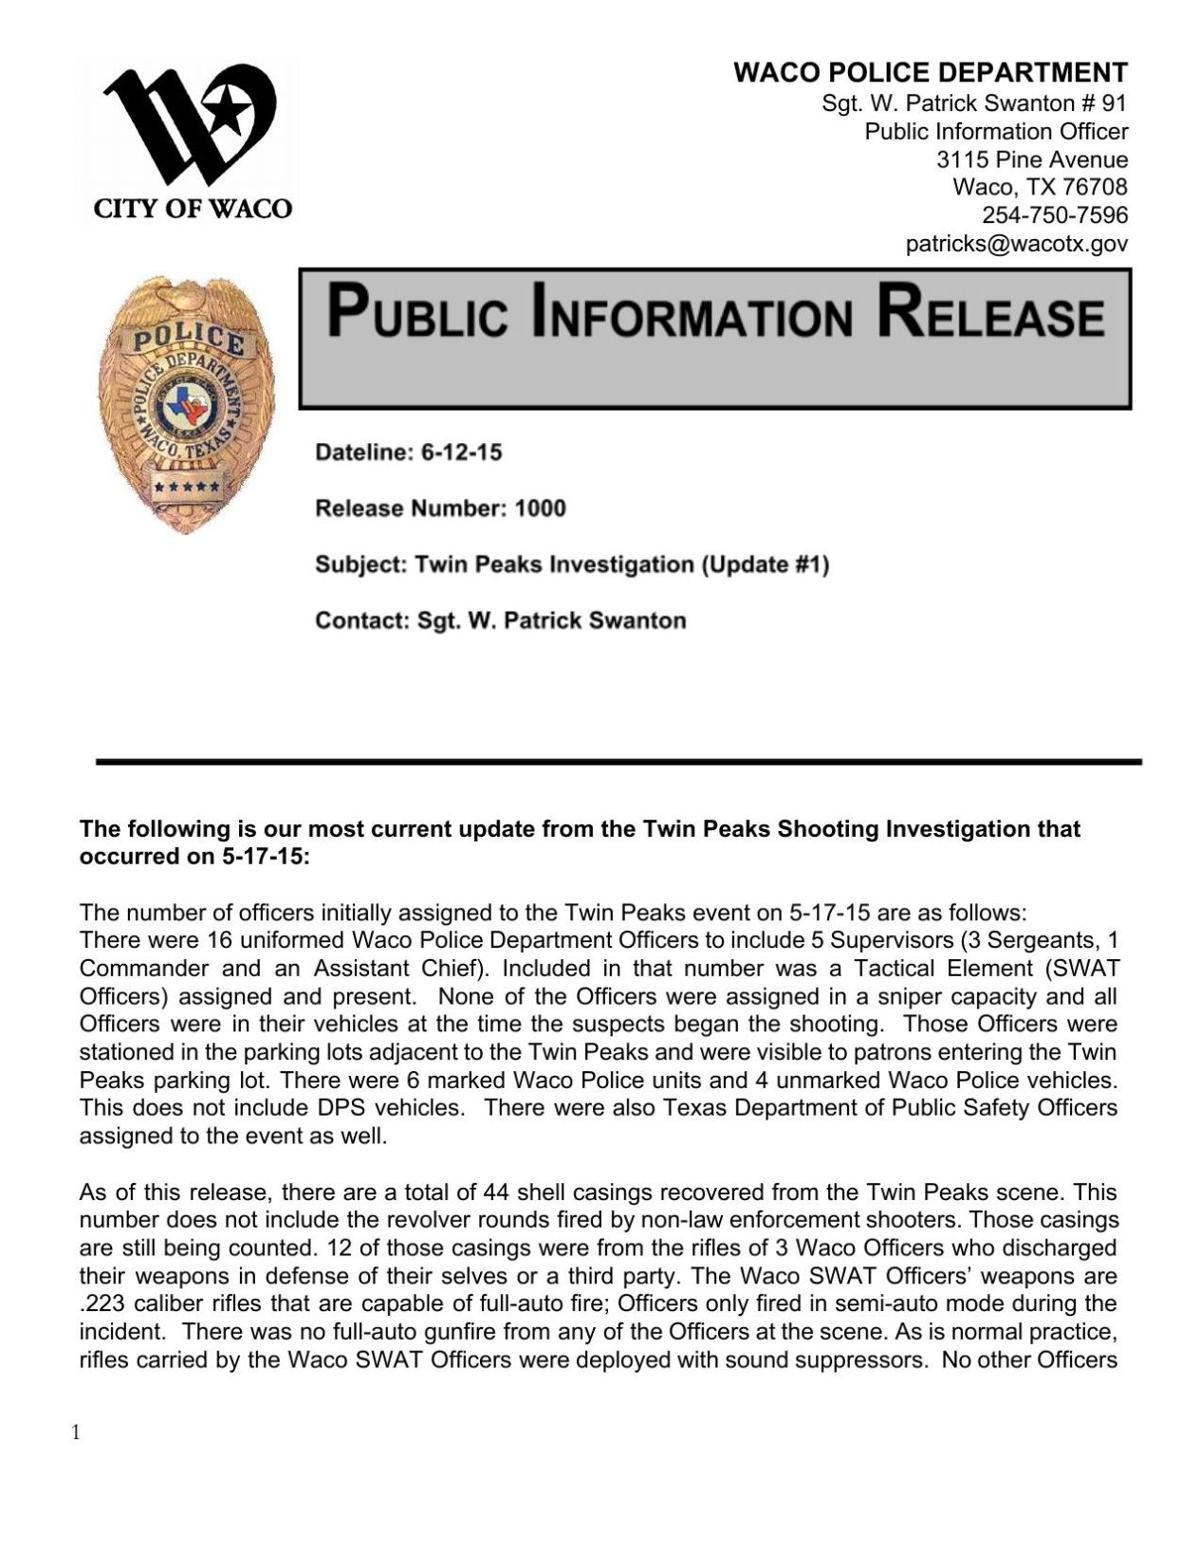 Twin Peaks update press release - June 12, 2015 (PDF)